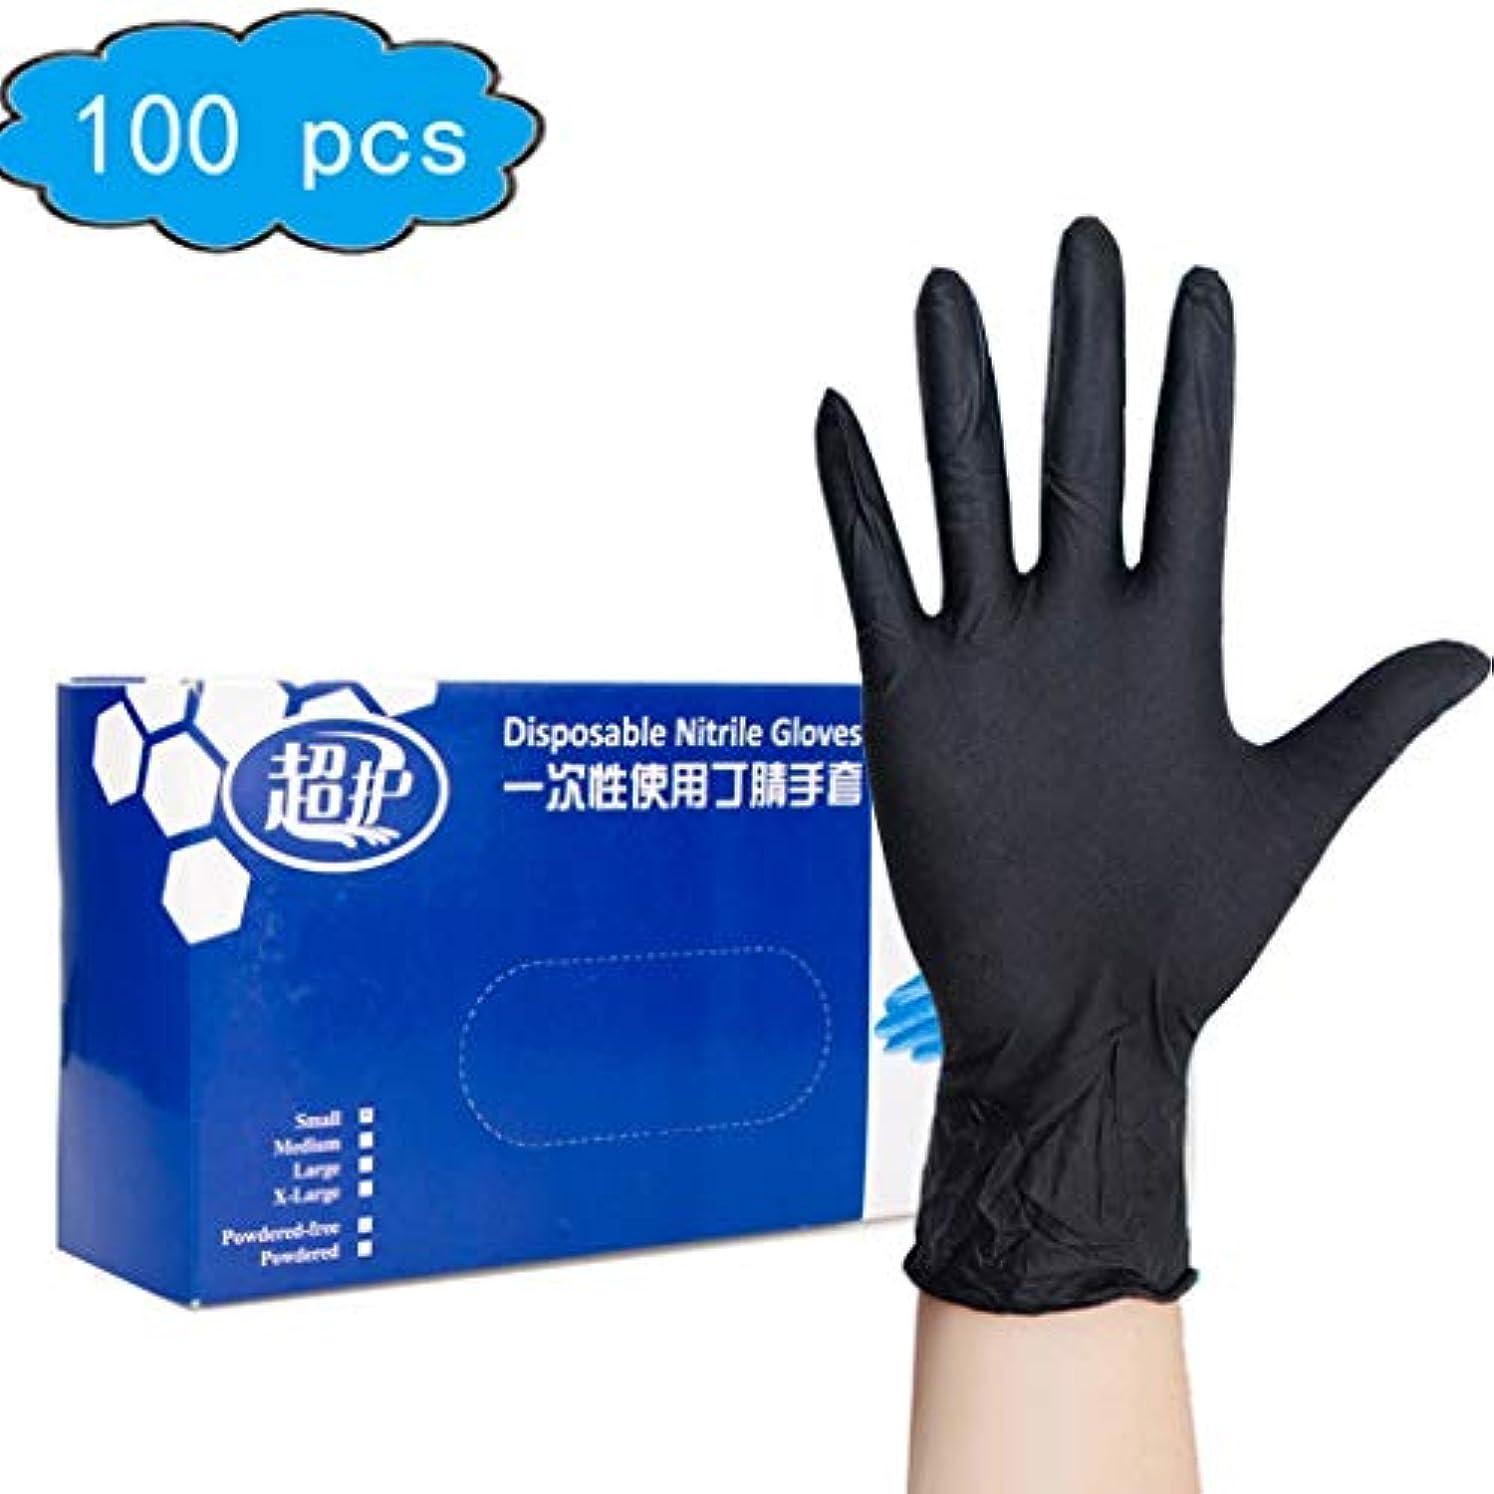 拘束する同意驚き使い捨てニトリルエクストラストロング手袋、パウダーフリー、工業用手袋、100 PCS (Color : Black, Size : M)